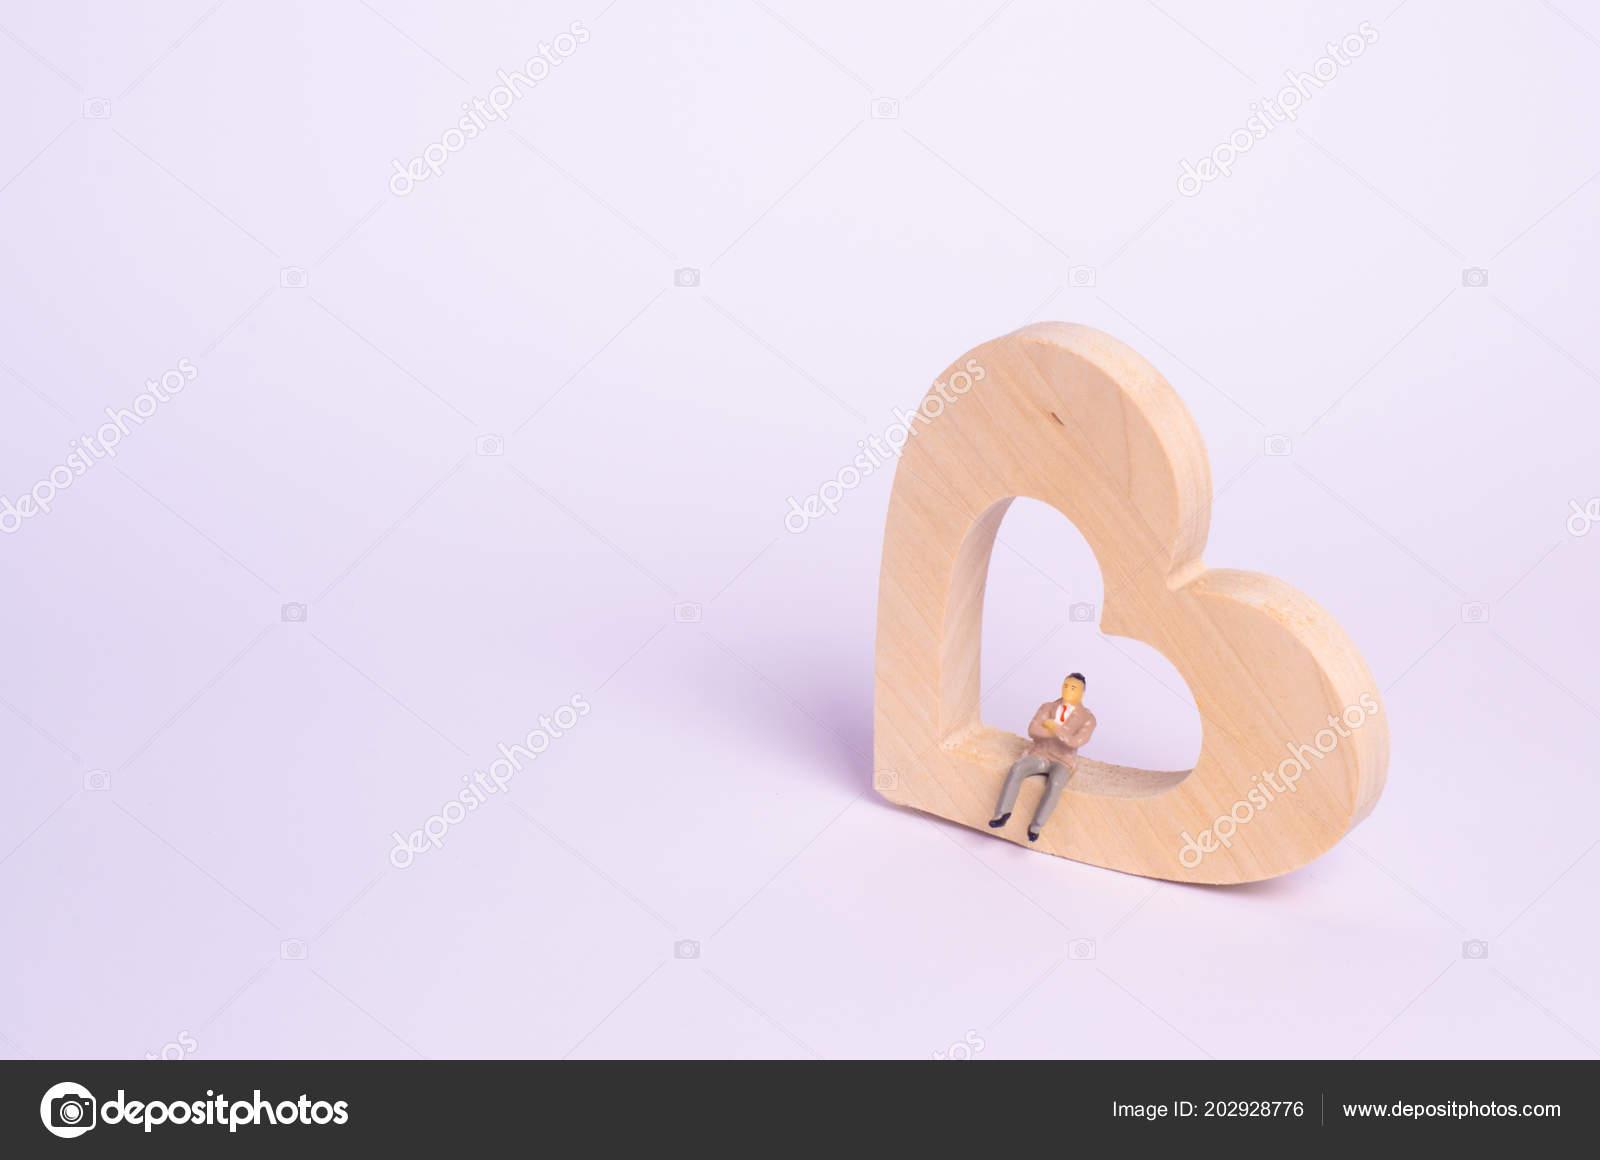 sites d'amour pour la datation ma copine a rompu avec moi et sort avec quelqu'un d'autre